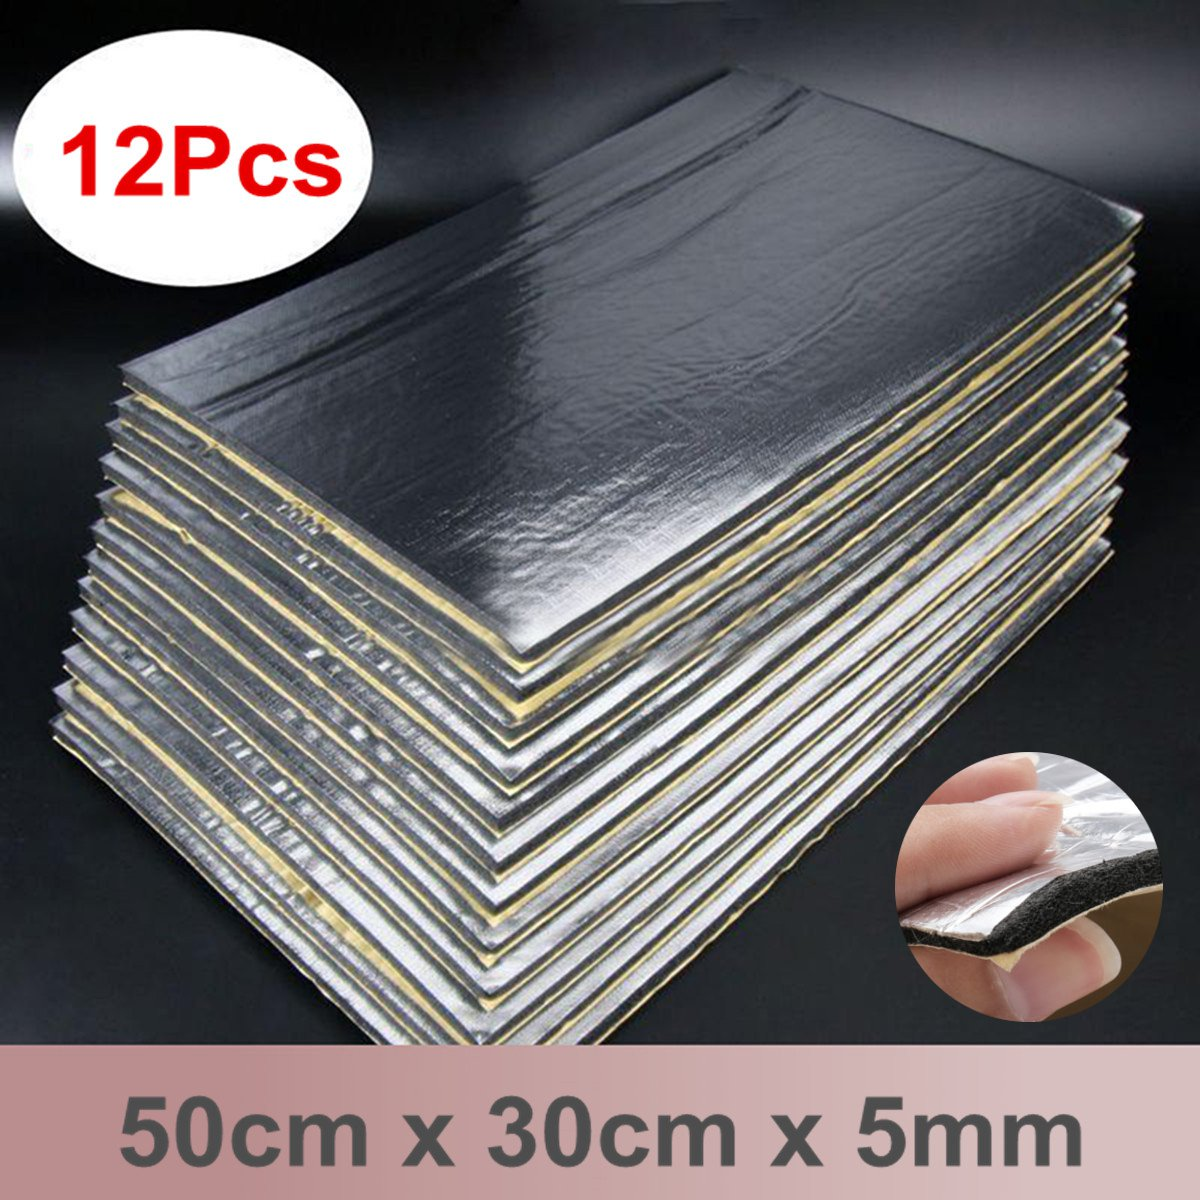 12Pcs/Set Audio Sound Deadener Automobiles Car Heat Noise Shield Insulation Proof Mat Cotton Accessories 30x50cm 5mm